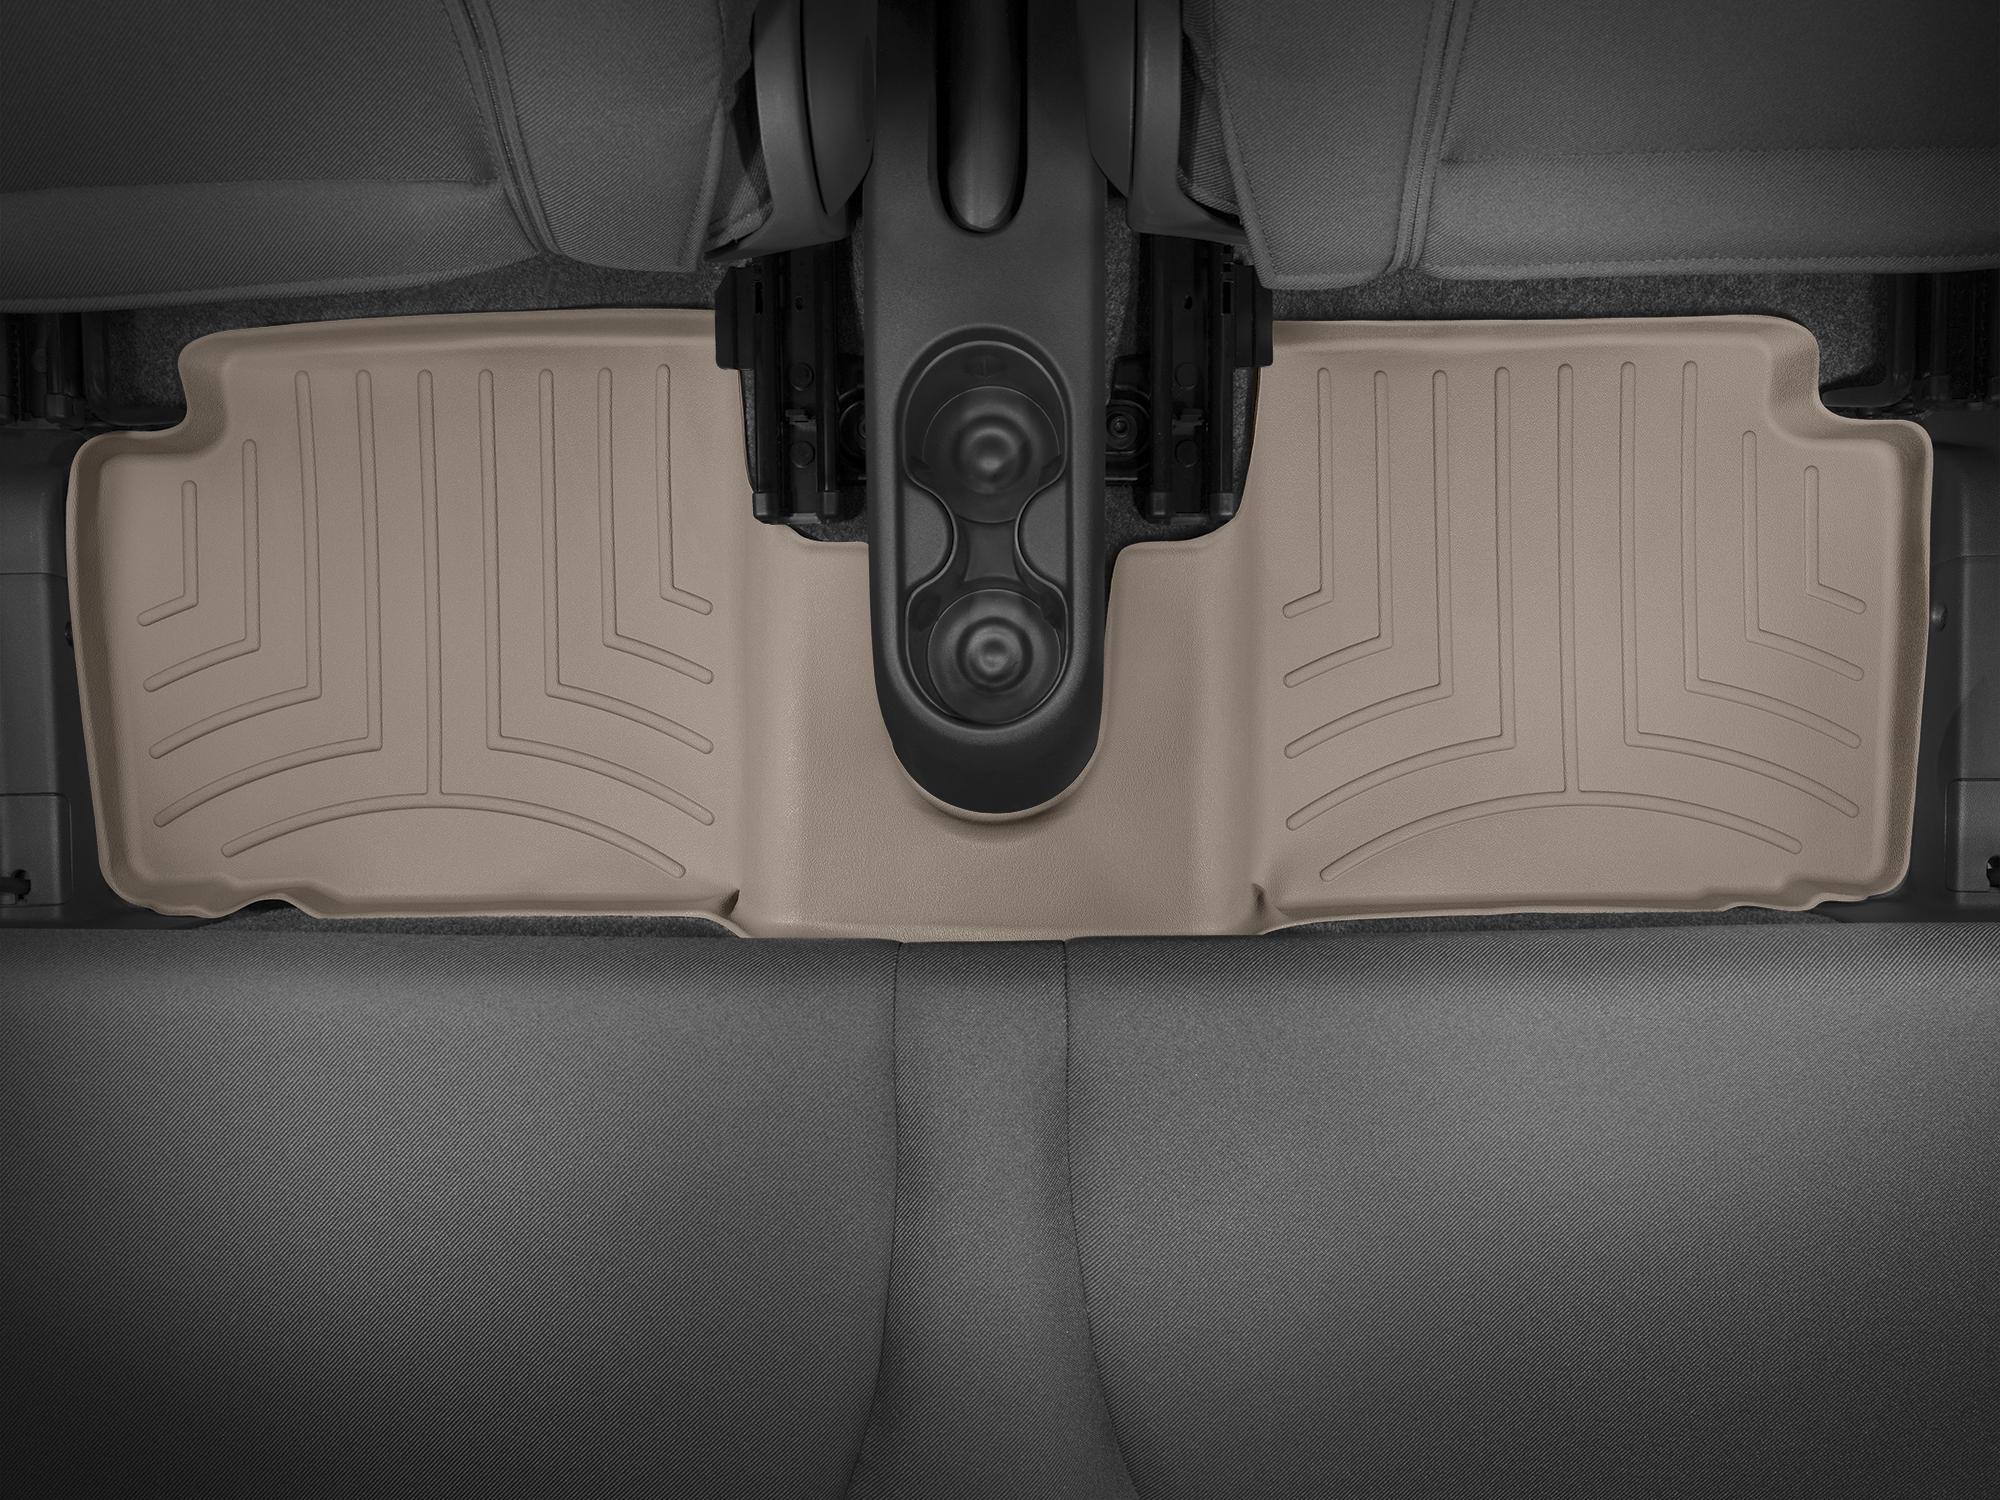 Tappeti gomma su misura bordo alto Fiat 500C 09>17 Marrone A765*